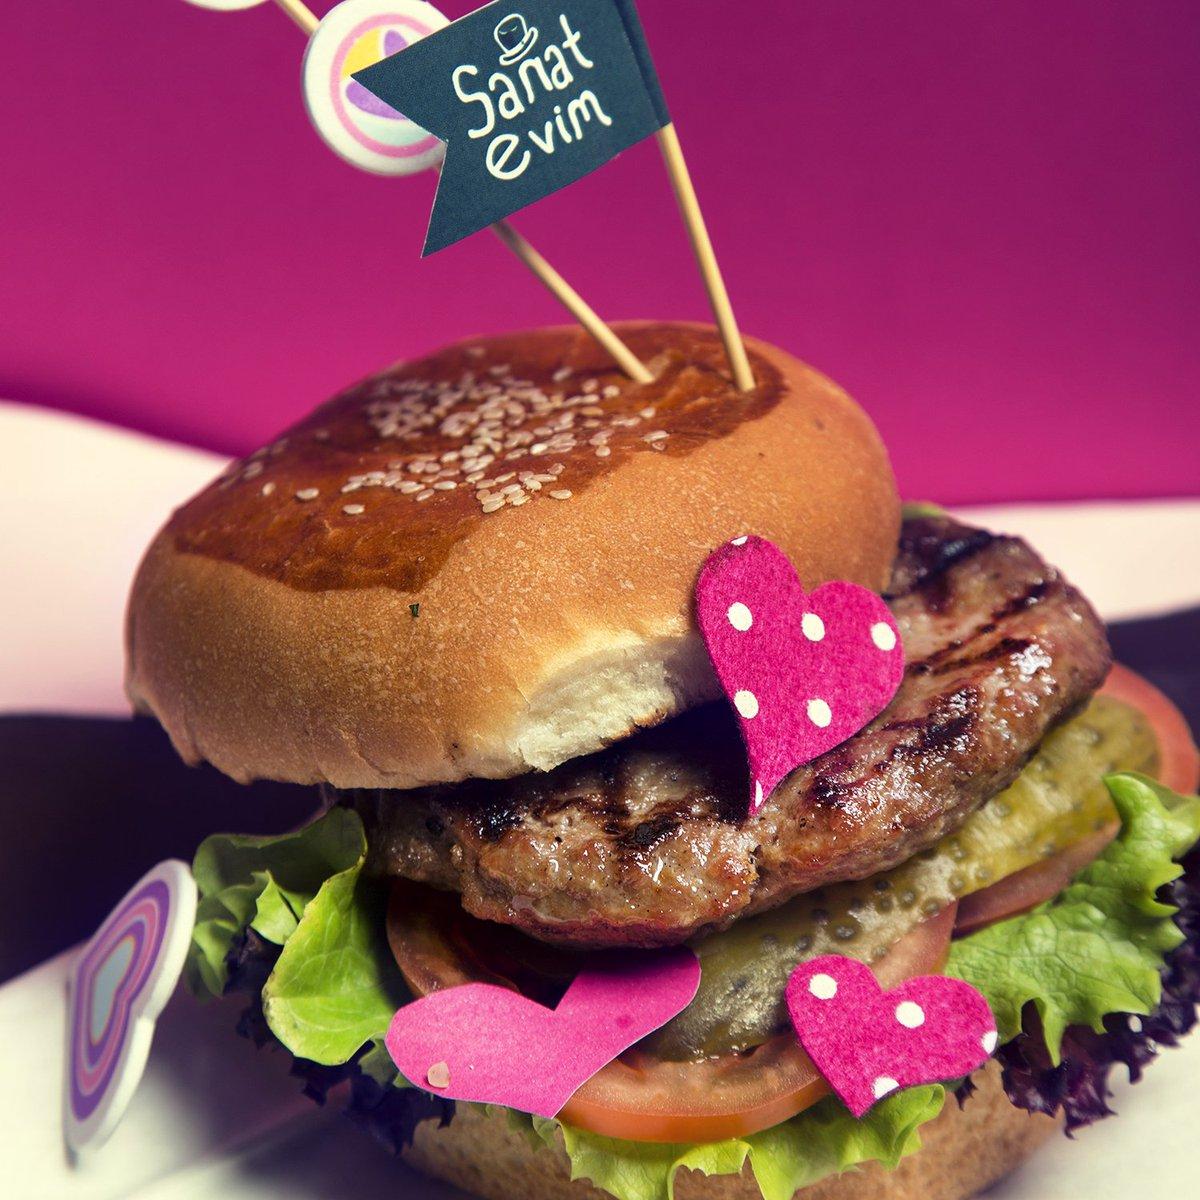 Yemek yemeyi çok seviyoruz.😉Ama el yapımı Hamburger'in yeri bir başka 😍❤ #sanatevim #sanattayiz #rotasizcafe #istanbul #avcilar #weekend https://t.co/TyxV4lHL7b